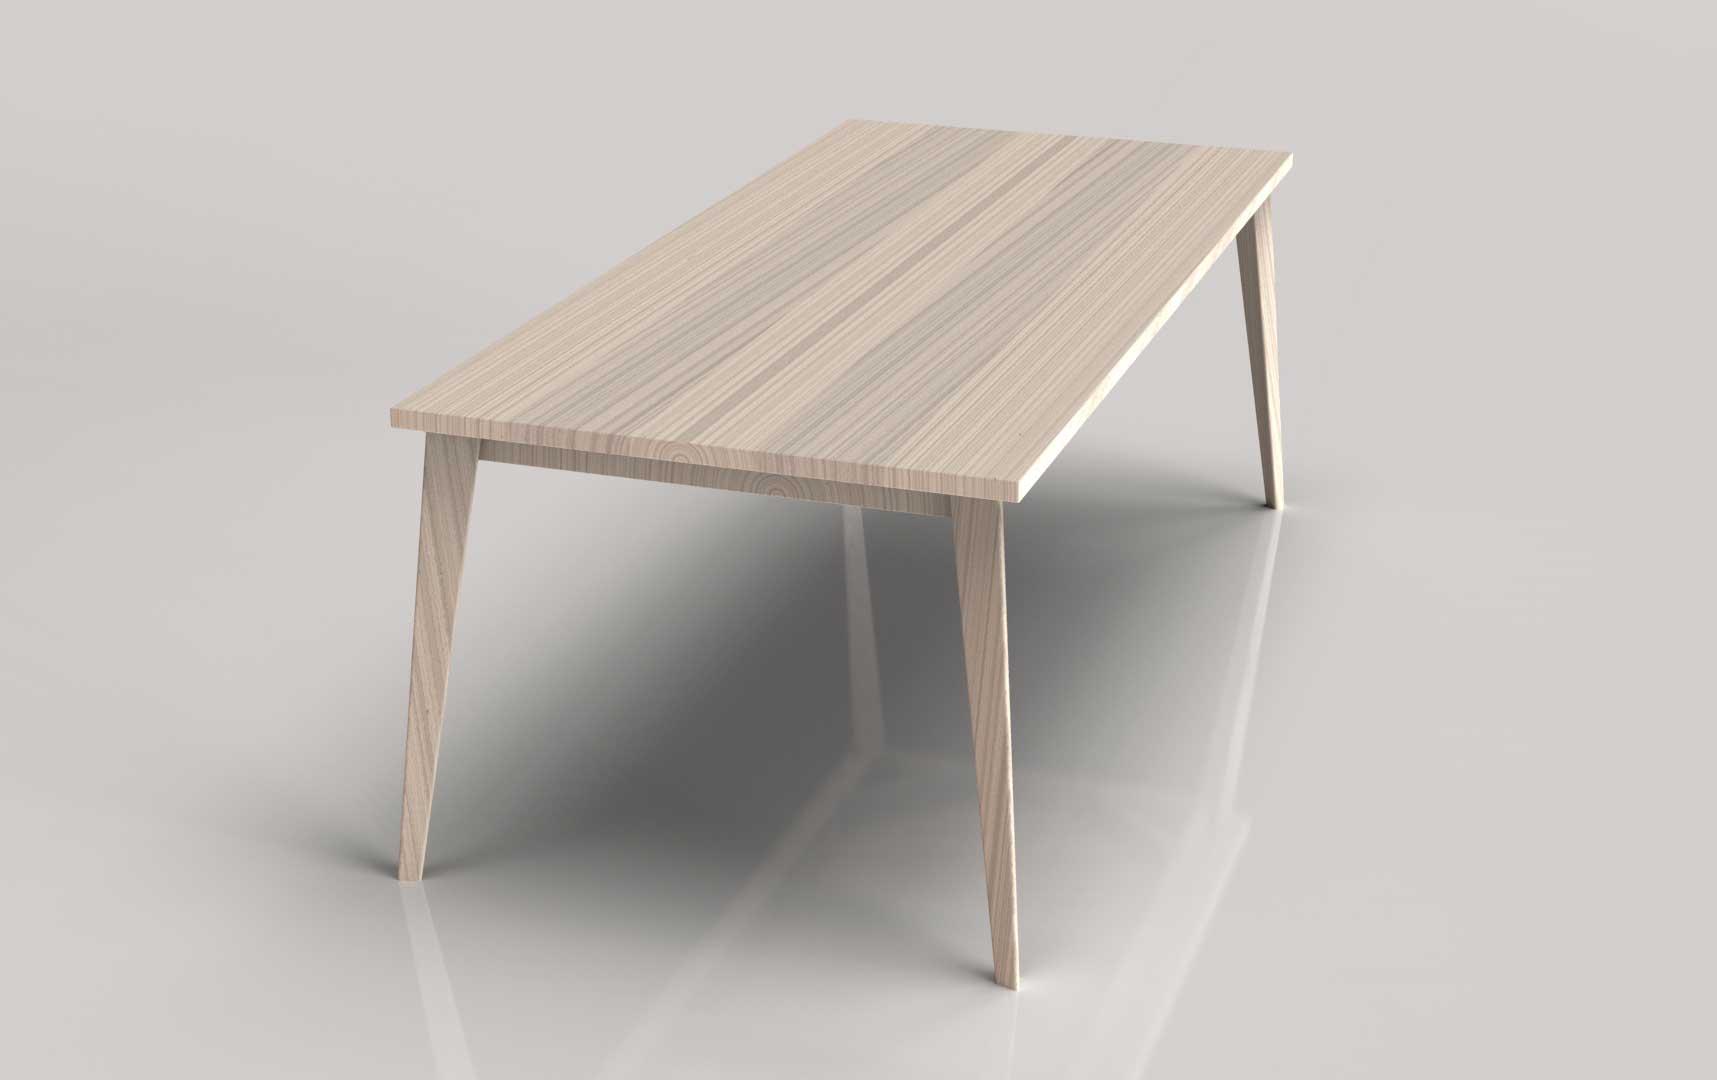 Legno Naturale Sbiancato : Lune design tavolo air legno faggio sbiancato e spazzolato